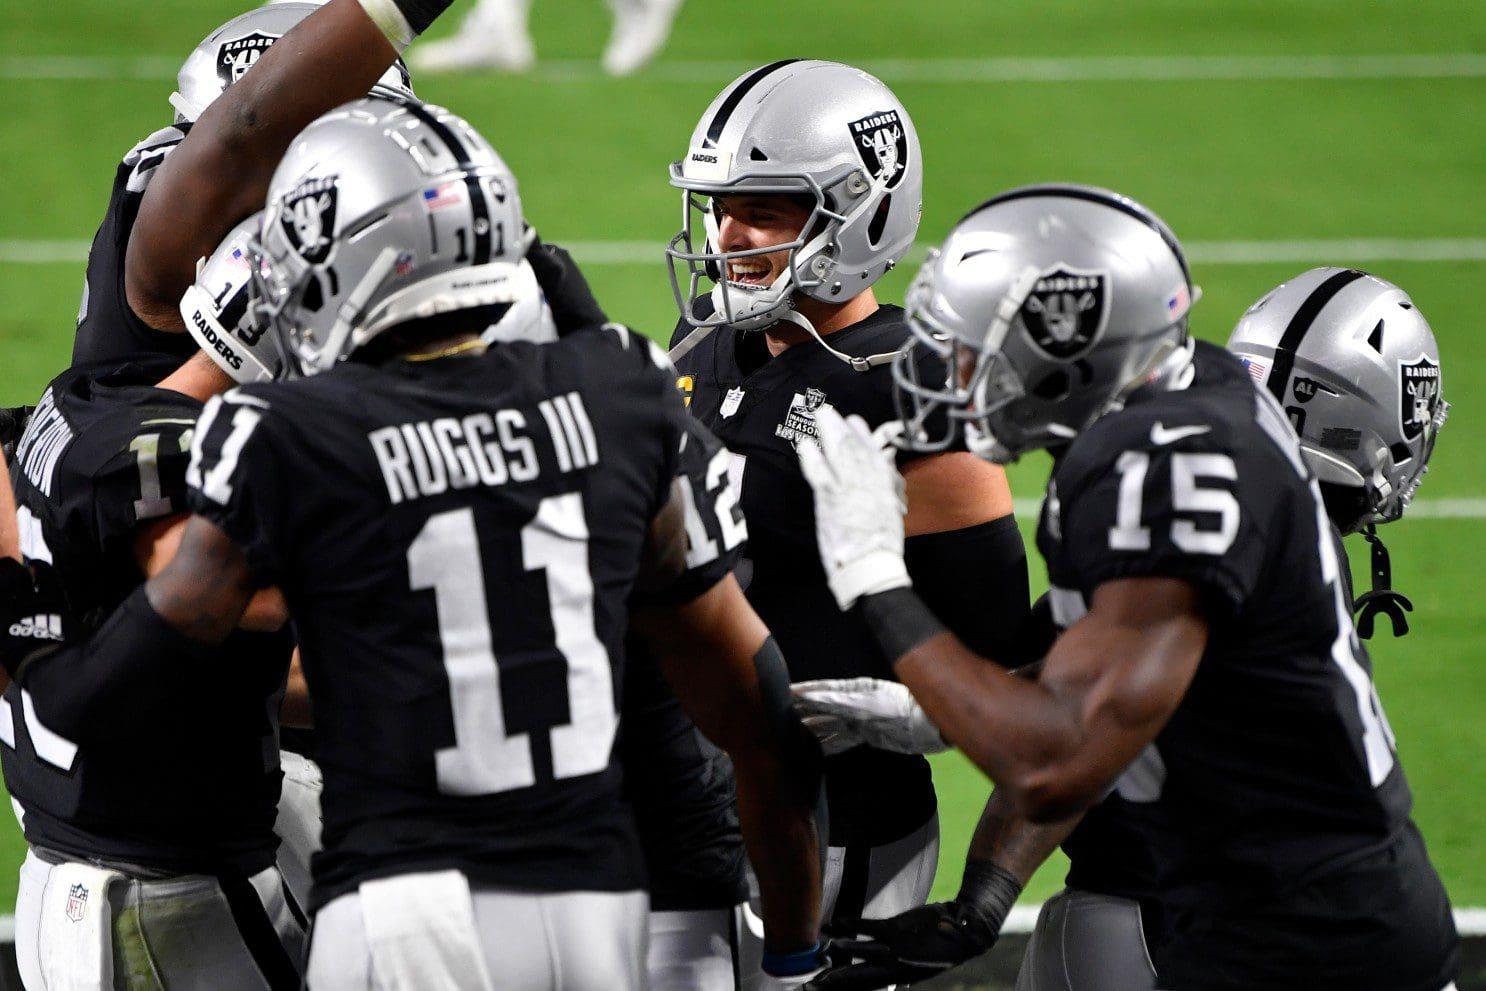 Raiders vs Buccaneers Raiders report